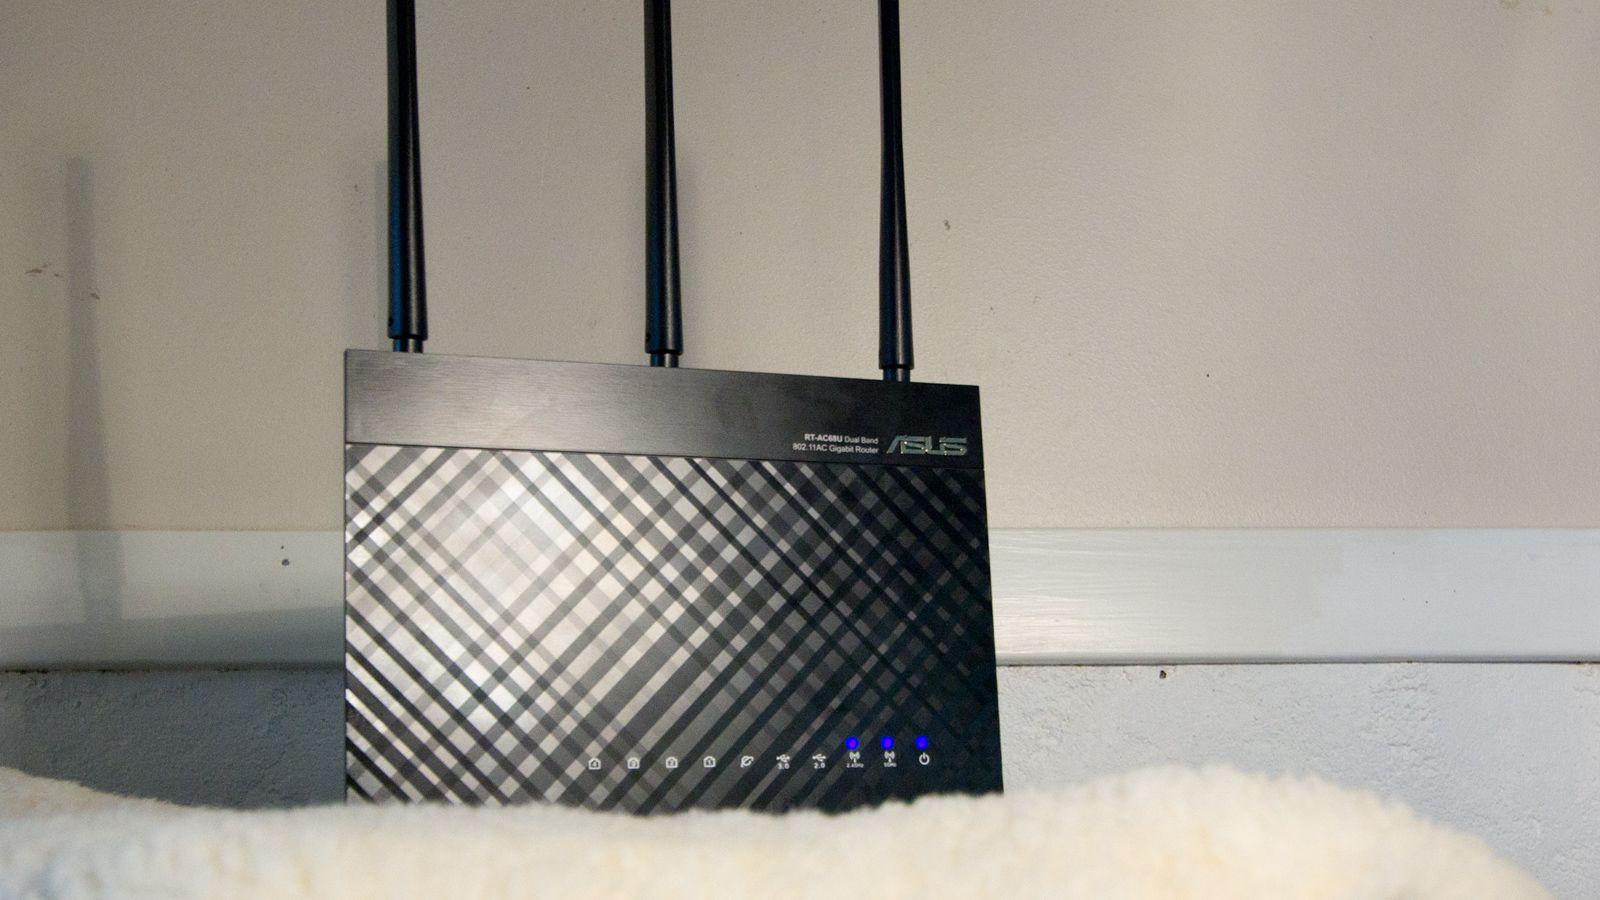 Asus RT-AC68U er den rimeligste ruteren du vil kunne installere AiMesh på. Den koster fra rundt 1200 kroner. Bilde: Rolf B. Wegner, Hardware.no